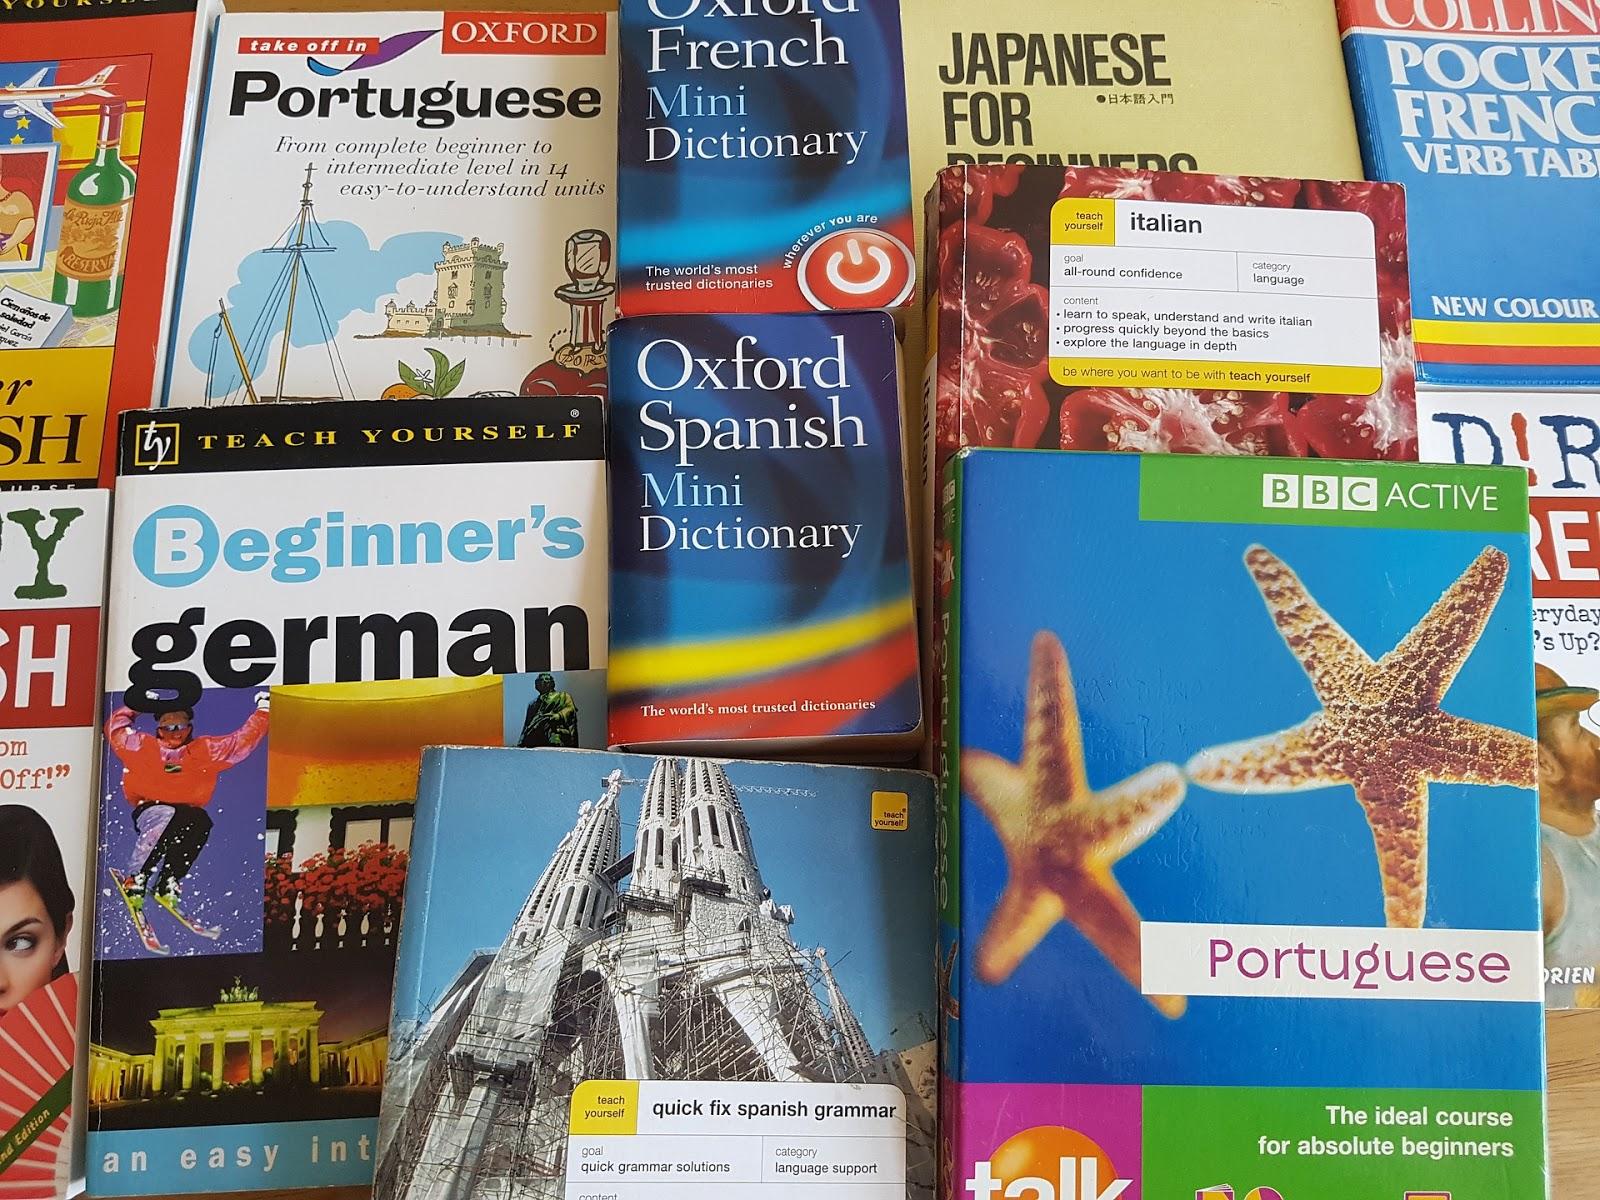 أشمل و افضل دورتين  لتعلم اللغة الفرنسية للمبتدئين